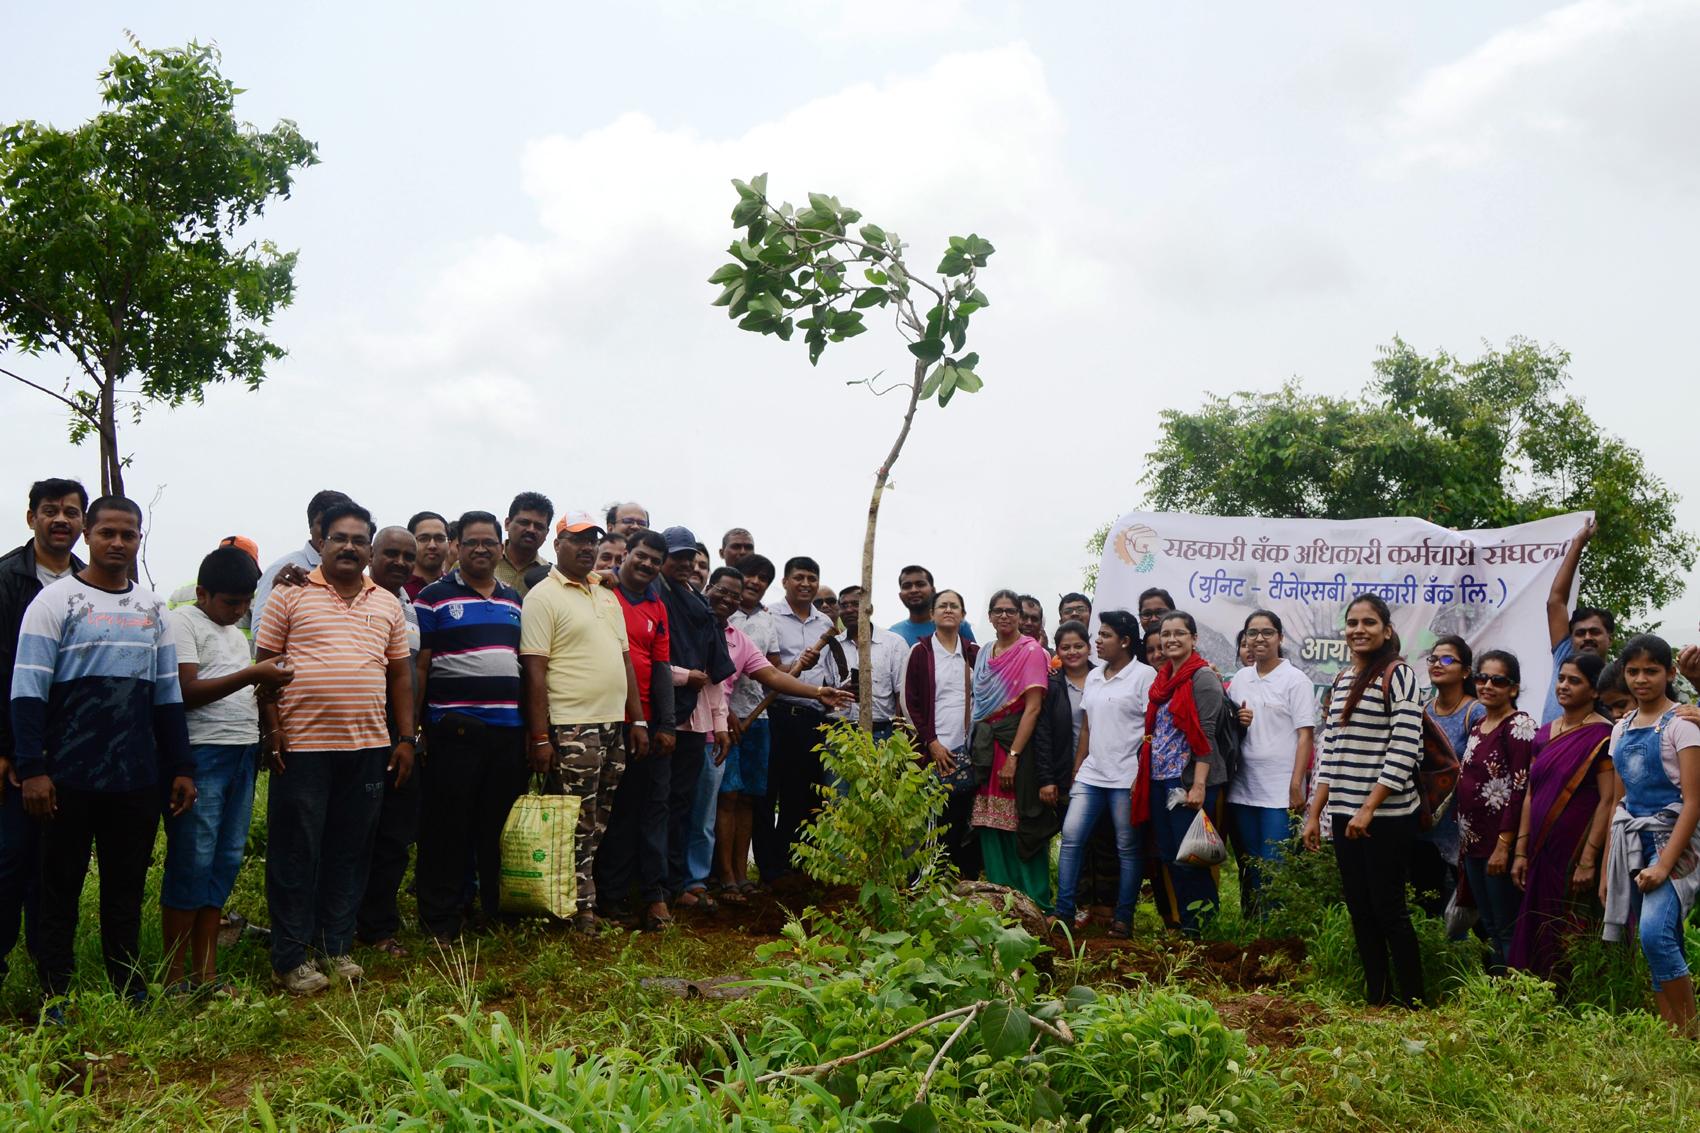 तळजाई वर वृक्षमिञ पुरस्कार व वृक्षारोपण कार्यक्रम